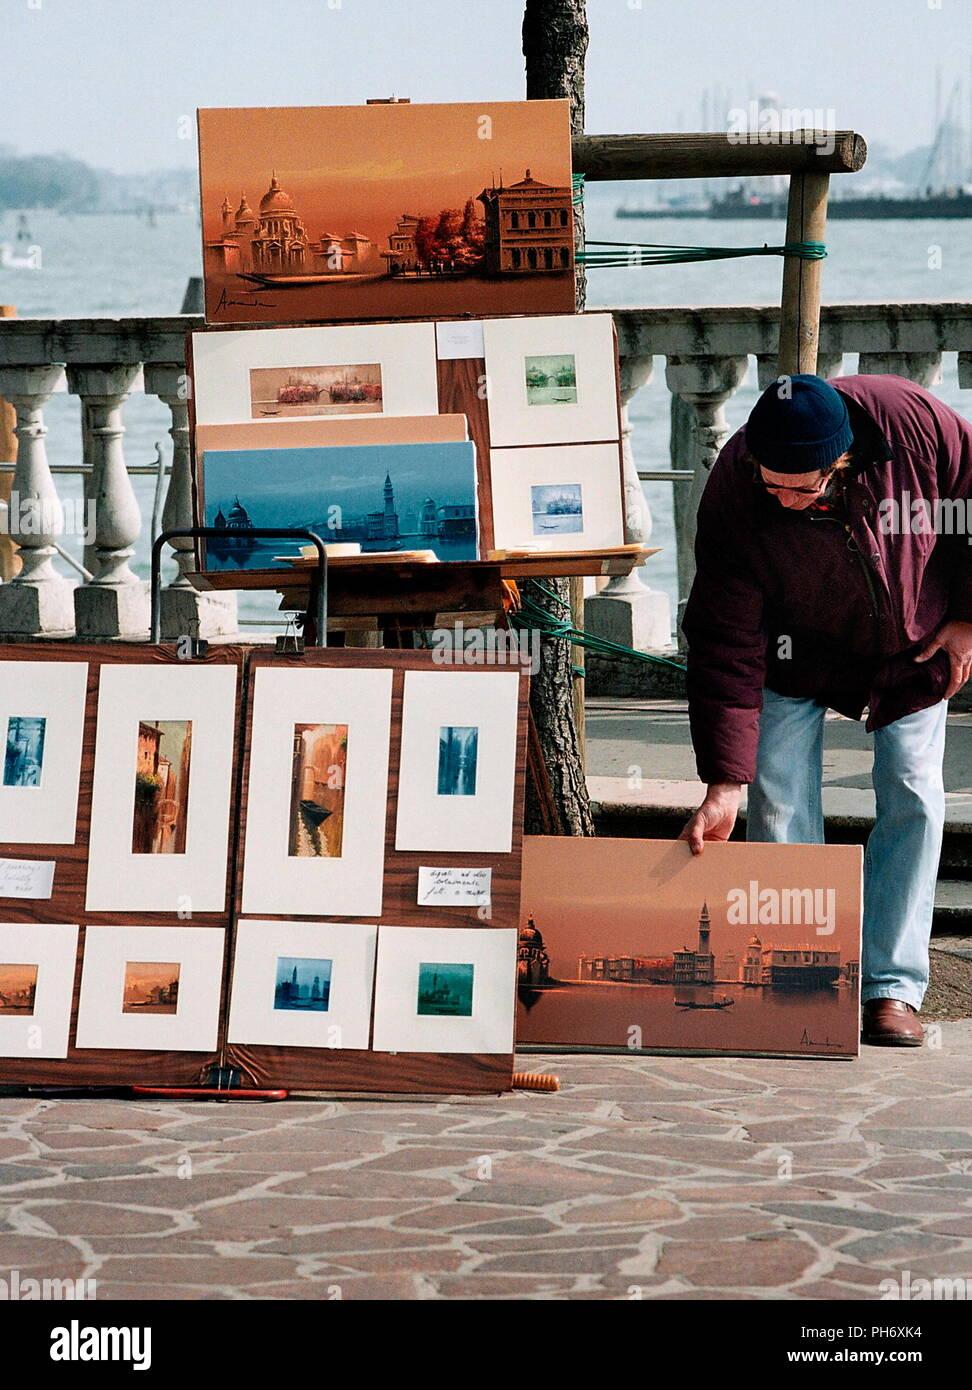 AJAXNETPHOTO. Venecia, Italia - Impresiones de recuerdos y pinturas en venta cerca de la orilla. Foto:Jonathan EASTLAND/AJAX Ref:51011_3831A4288 Foto de stock